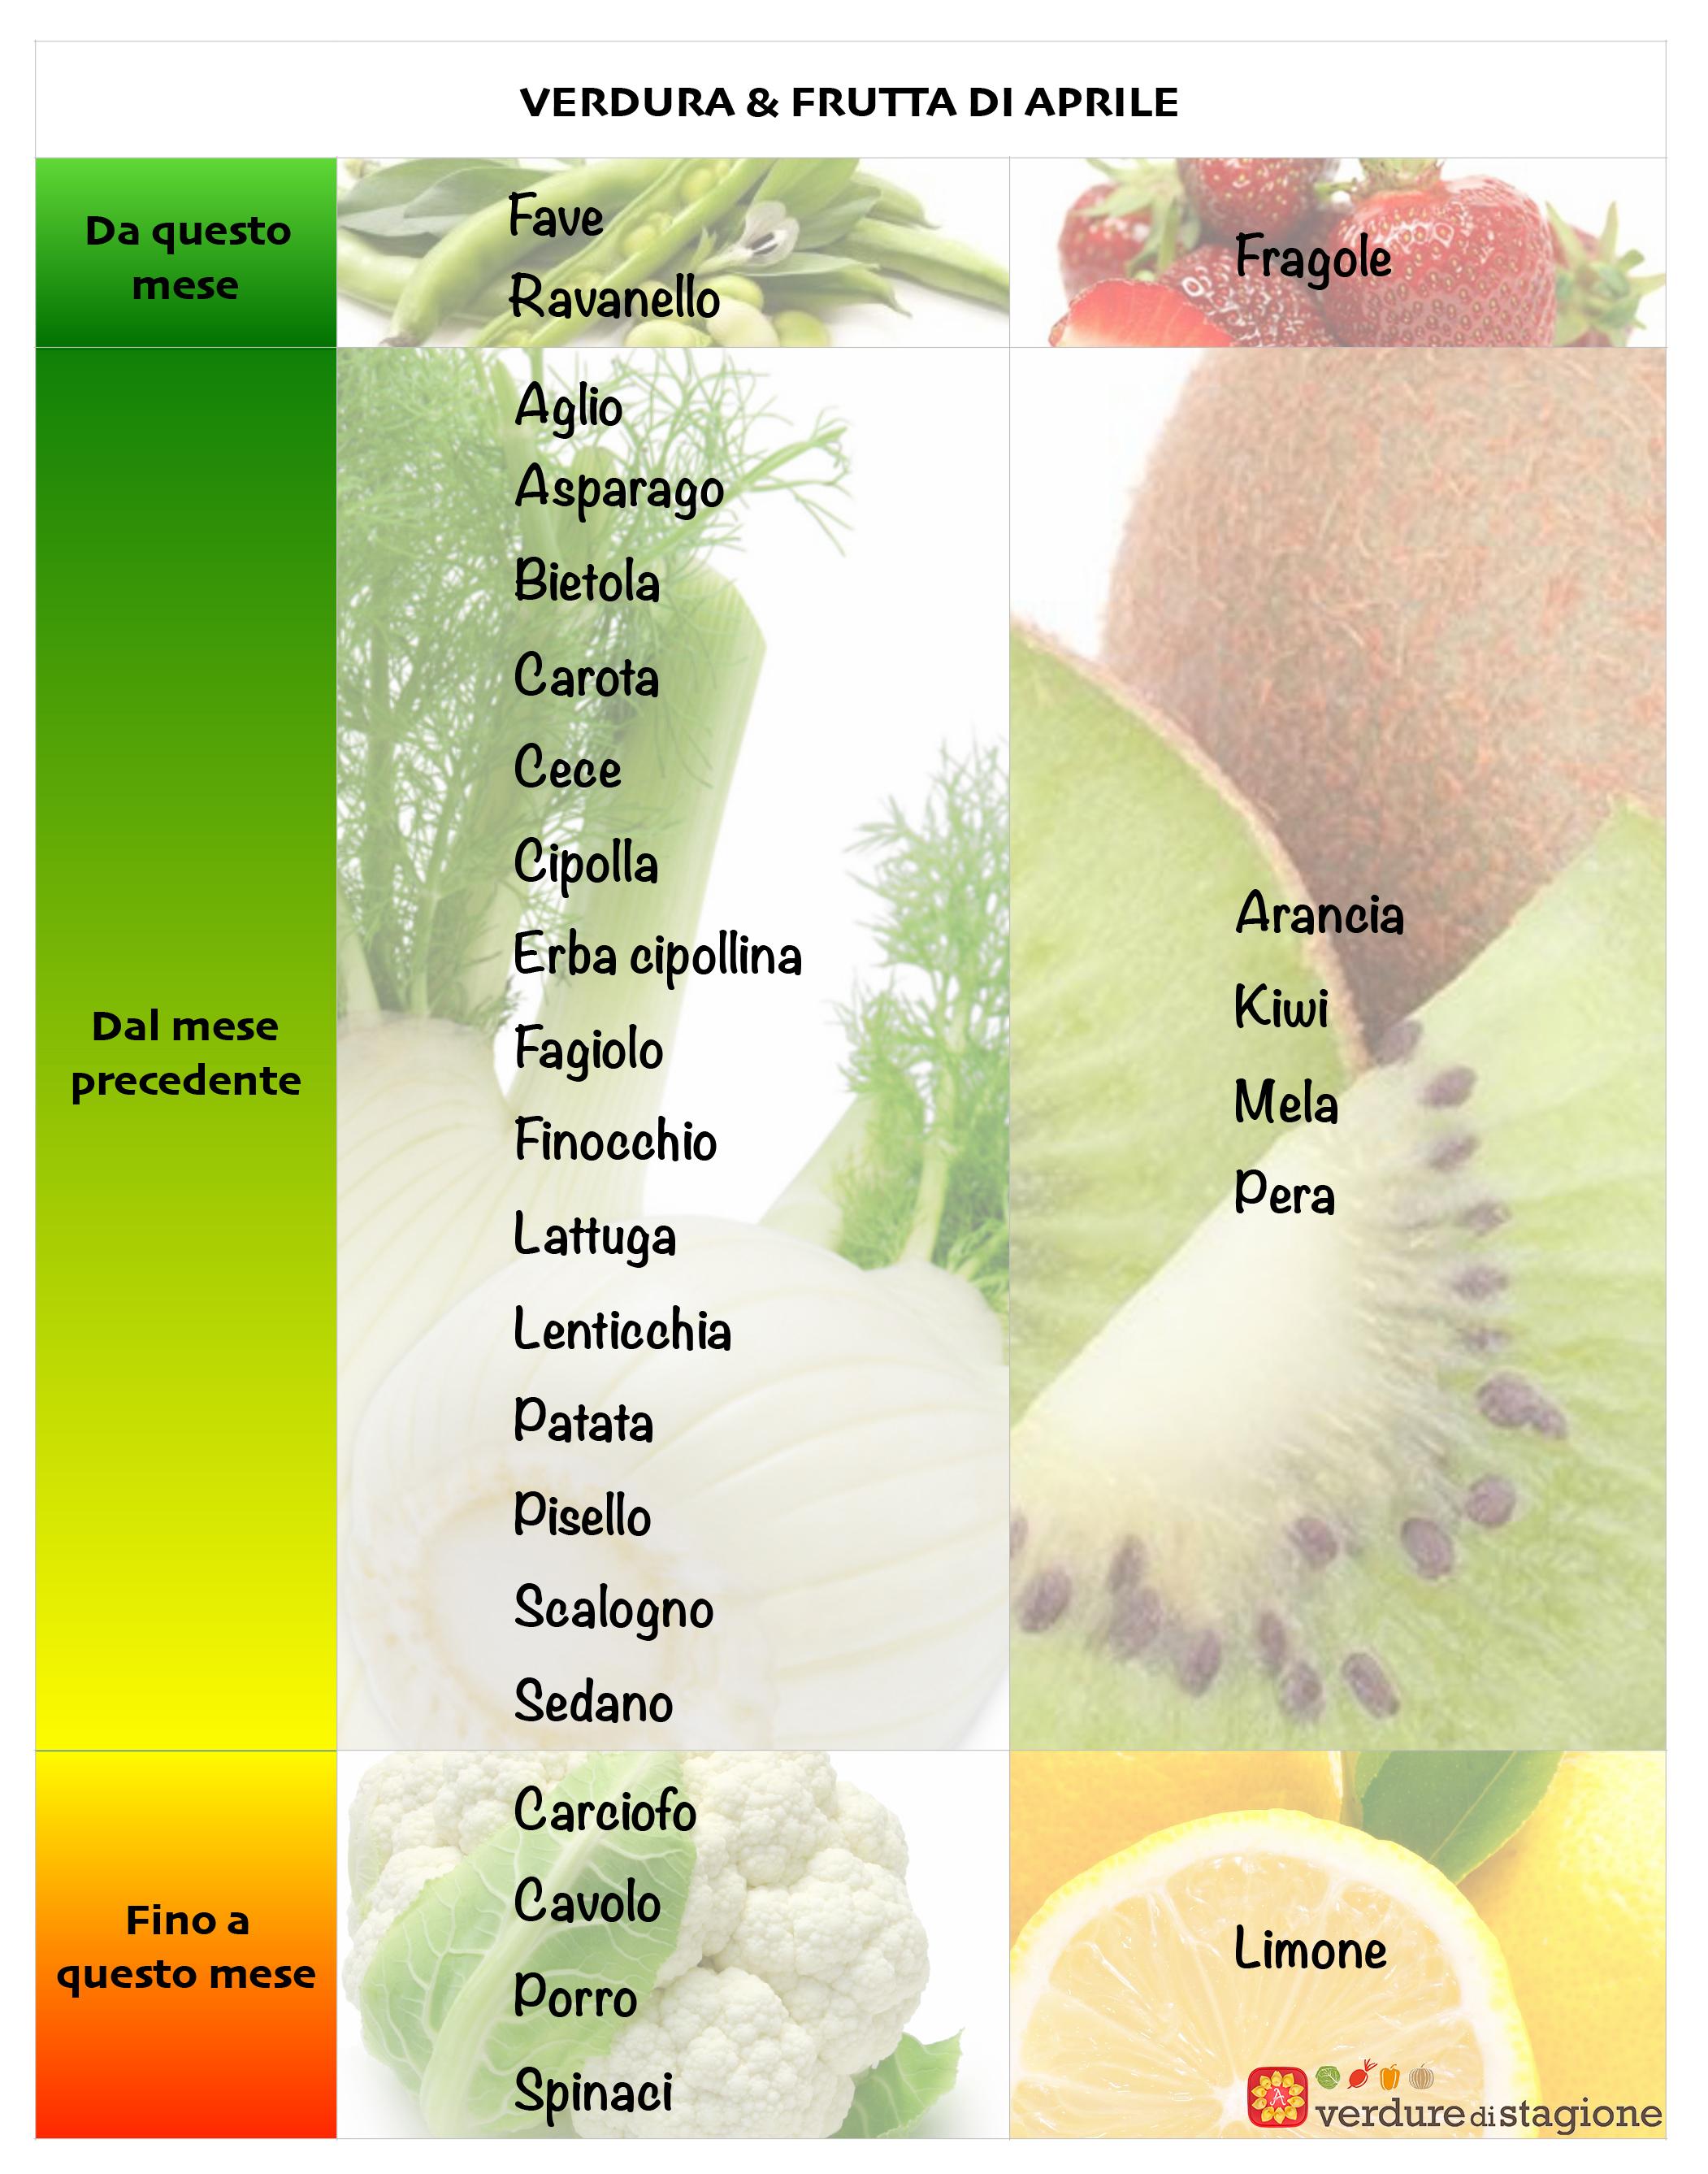 Verdura e frutta di Aprile